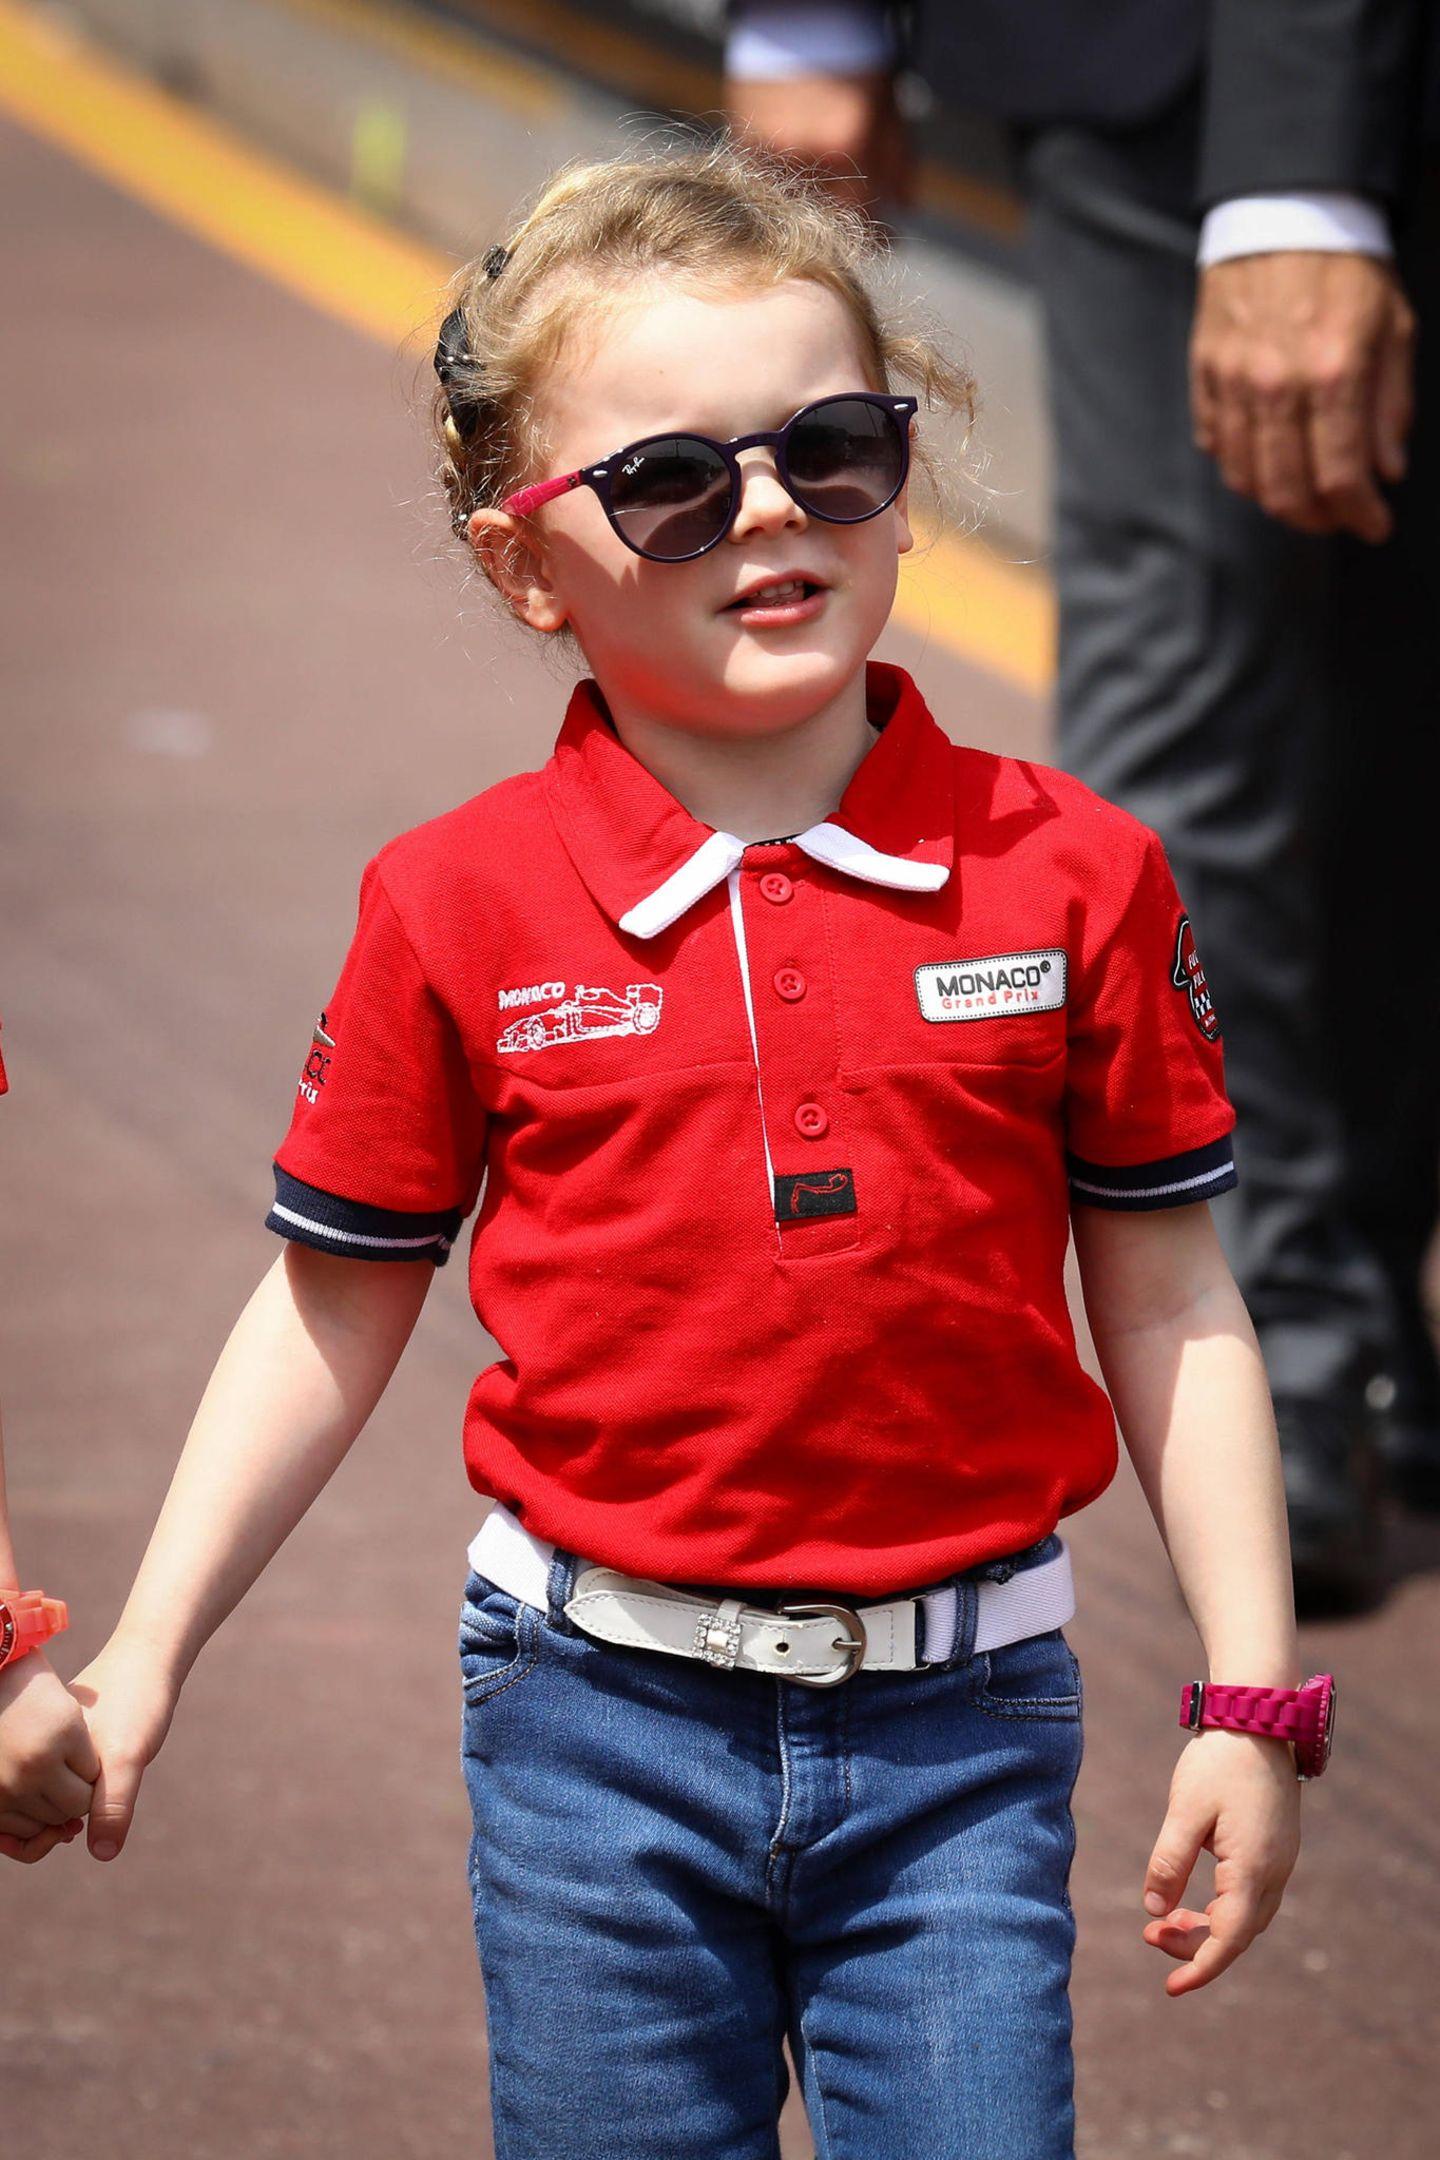 Seine Schwester trägt ebenfalls Sonnenbrille und schützt sich hinter getönten Gläsern von Ray-Ban vor schädlichen UV-Strahlen. Eine einfache Jeans und eine pinkfarbene Armbanduhr (die Jacques übrigens in Blau trägt) runden ihren Style ab.